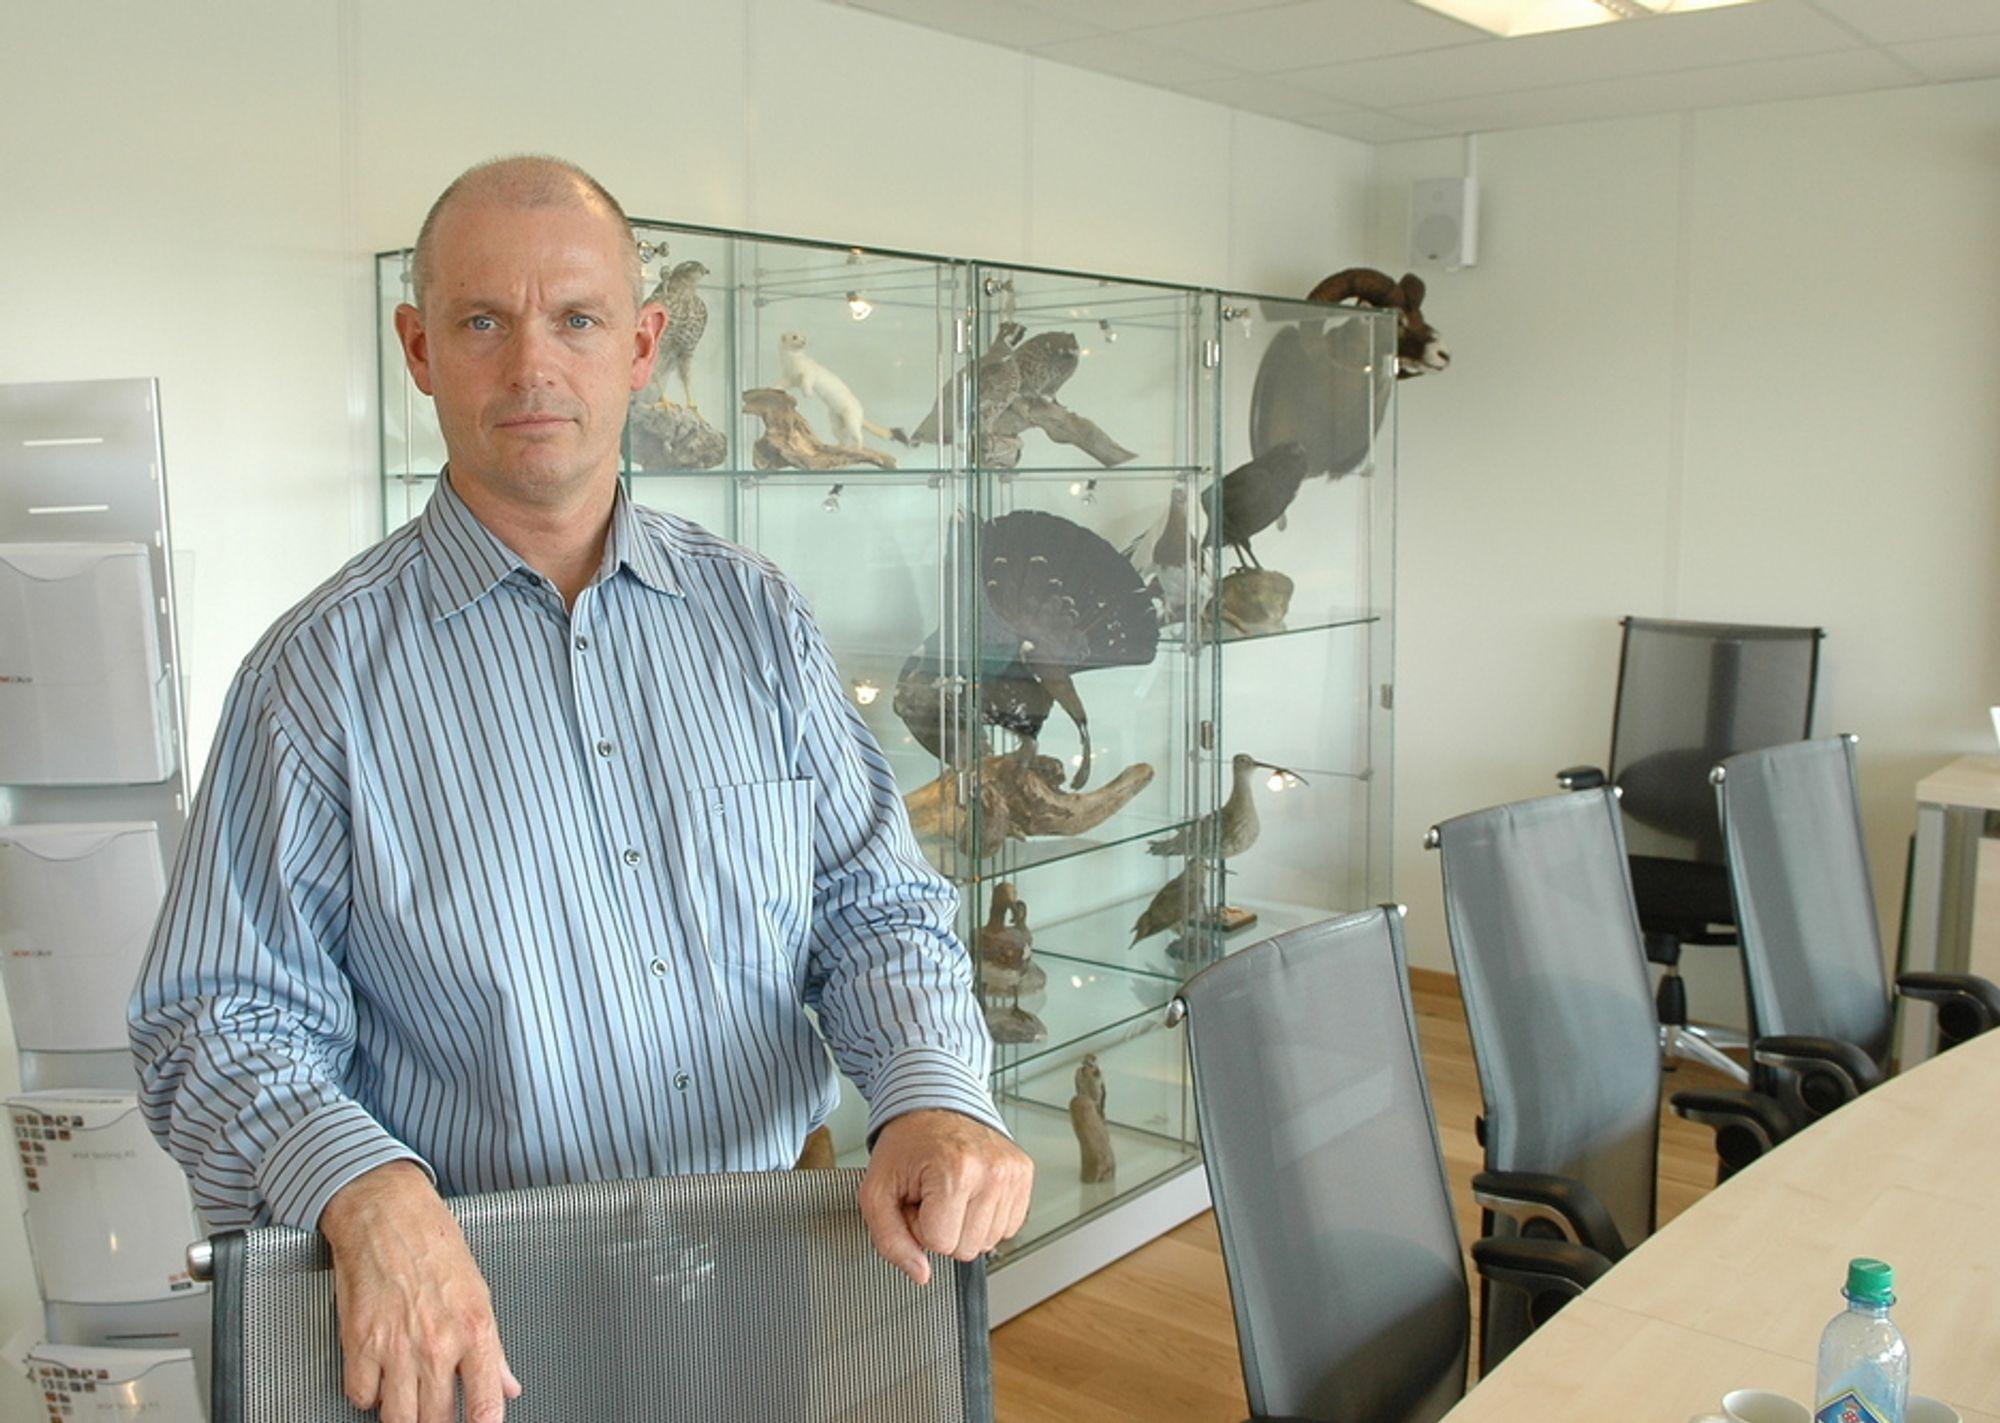 JAKTGLAD: Ståle Kyllingstad er glad i å jakte både vilt og interssante selskaper. Nå har han kjøpt opp Electro Partner i Stavanger og fusjonert de med sitt selskap IKM Instrutek.